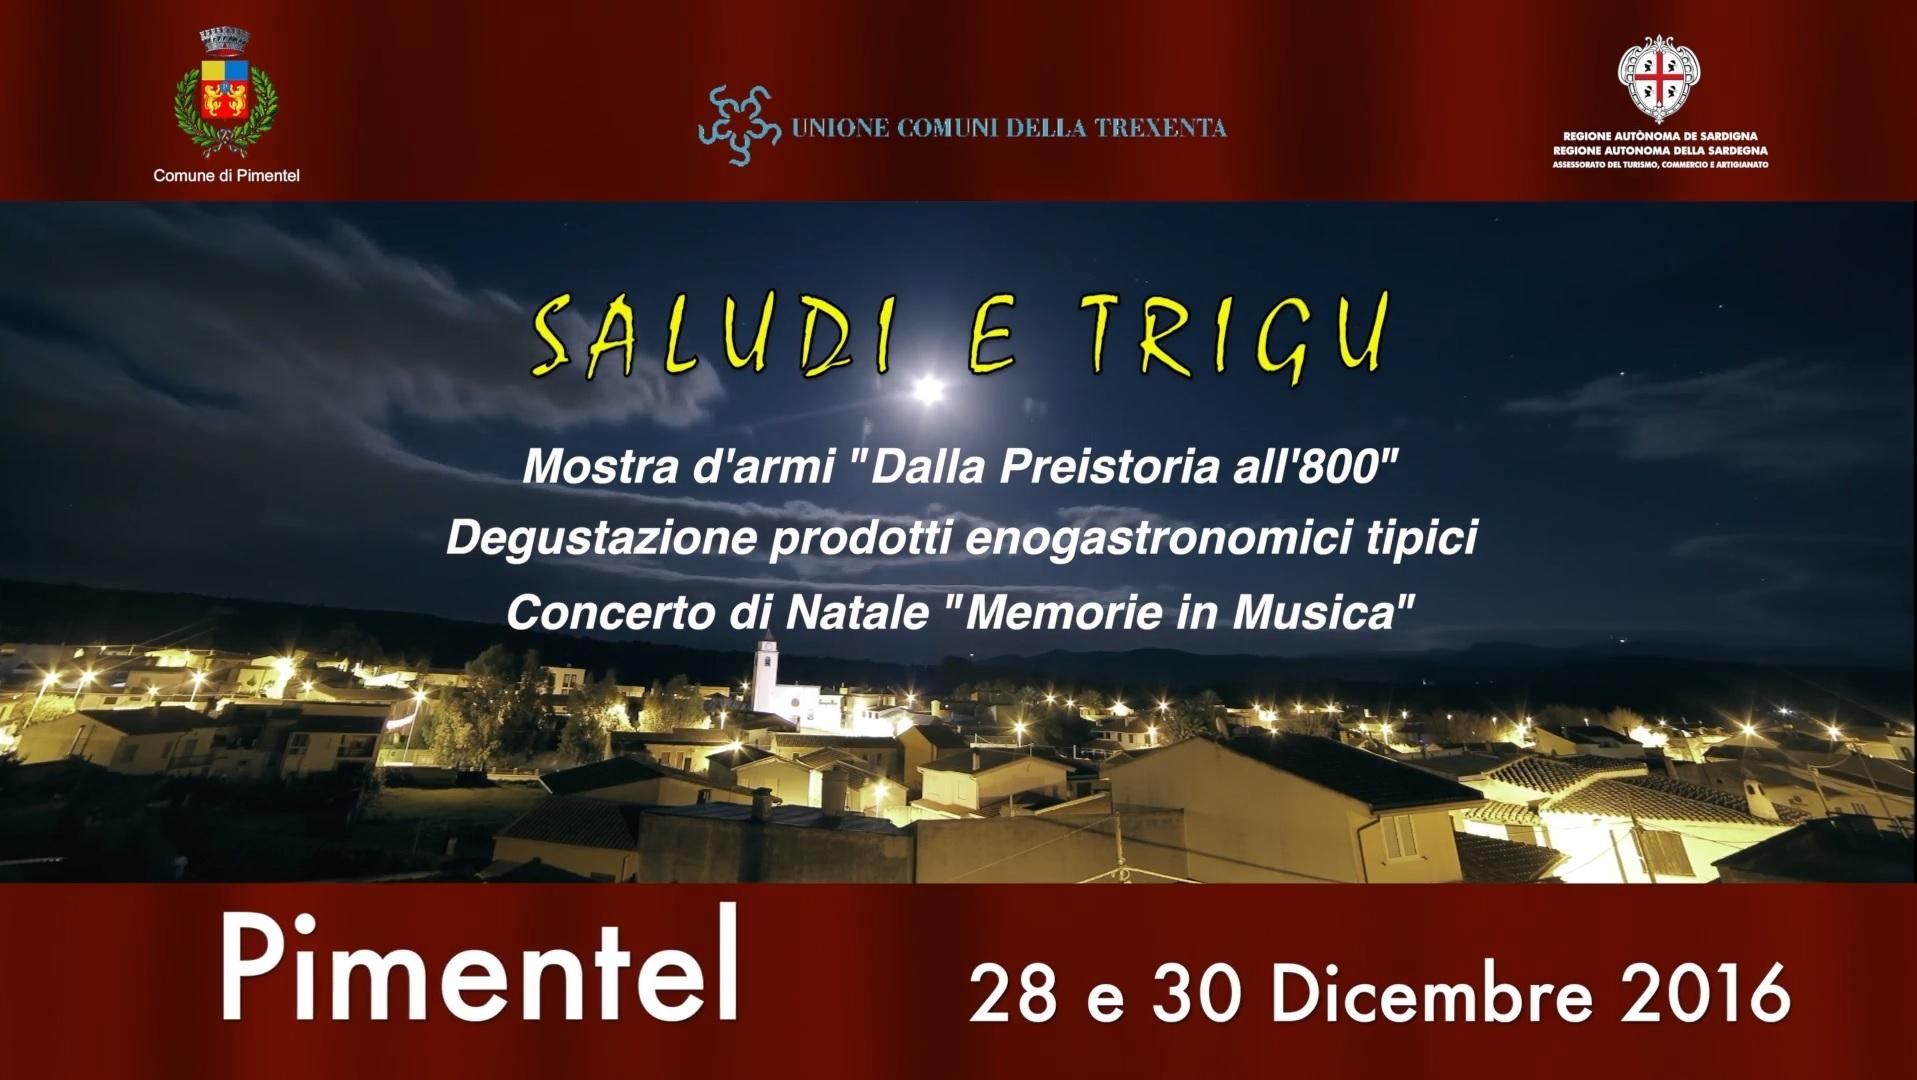 Saludi e Trigu – Pimentel – 28 e 30 Dicembre 2016